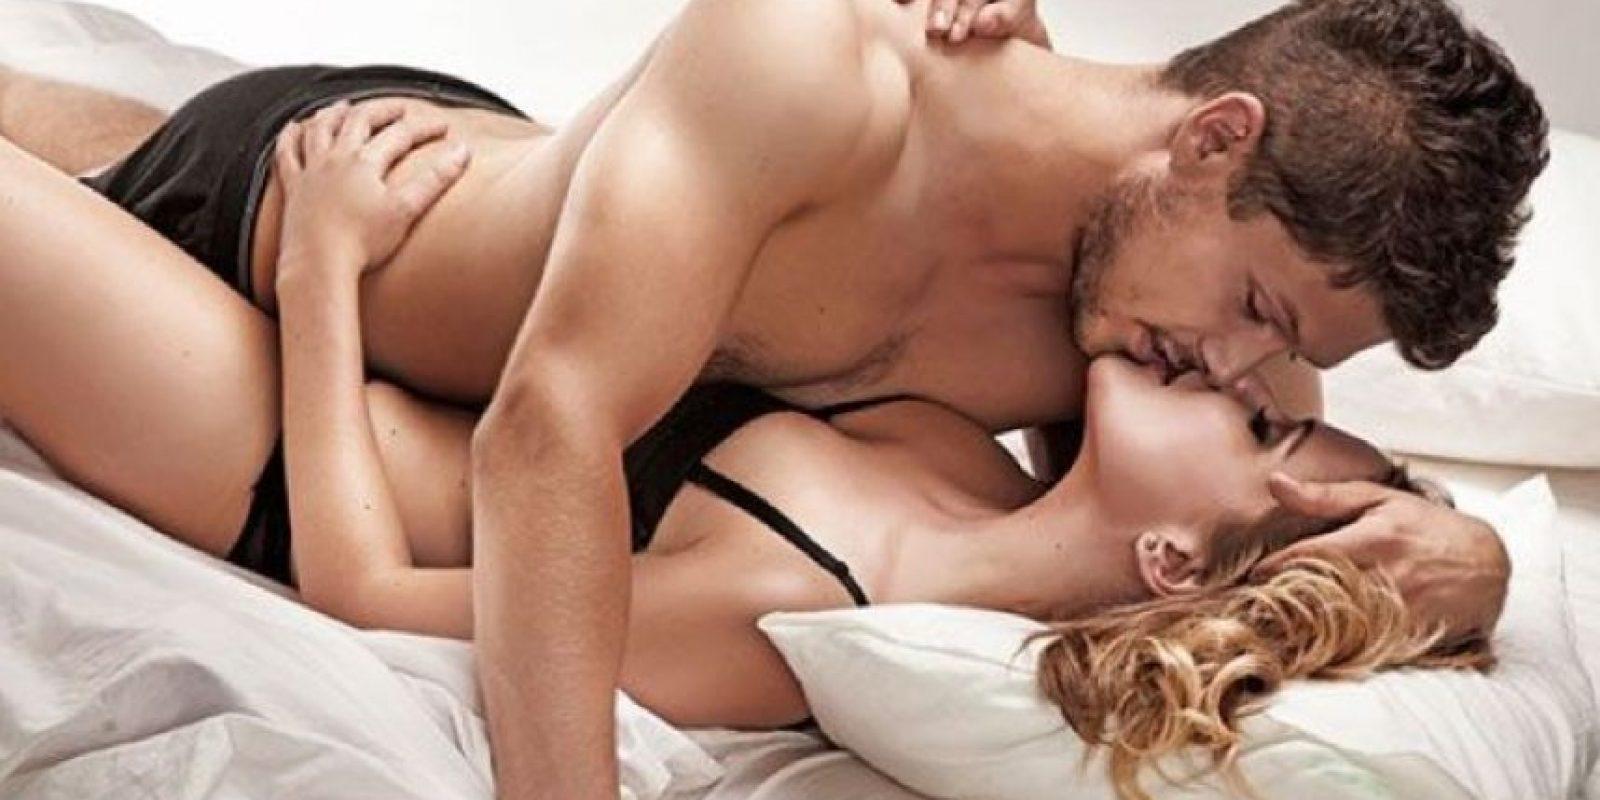 """6. """"Los besos, las caricias y sostener con fuerza brazos, piernas o glúteos podrán excitar a ambos"""". Gabriel, 27 años. Foto:Pinterest"""